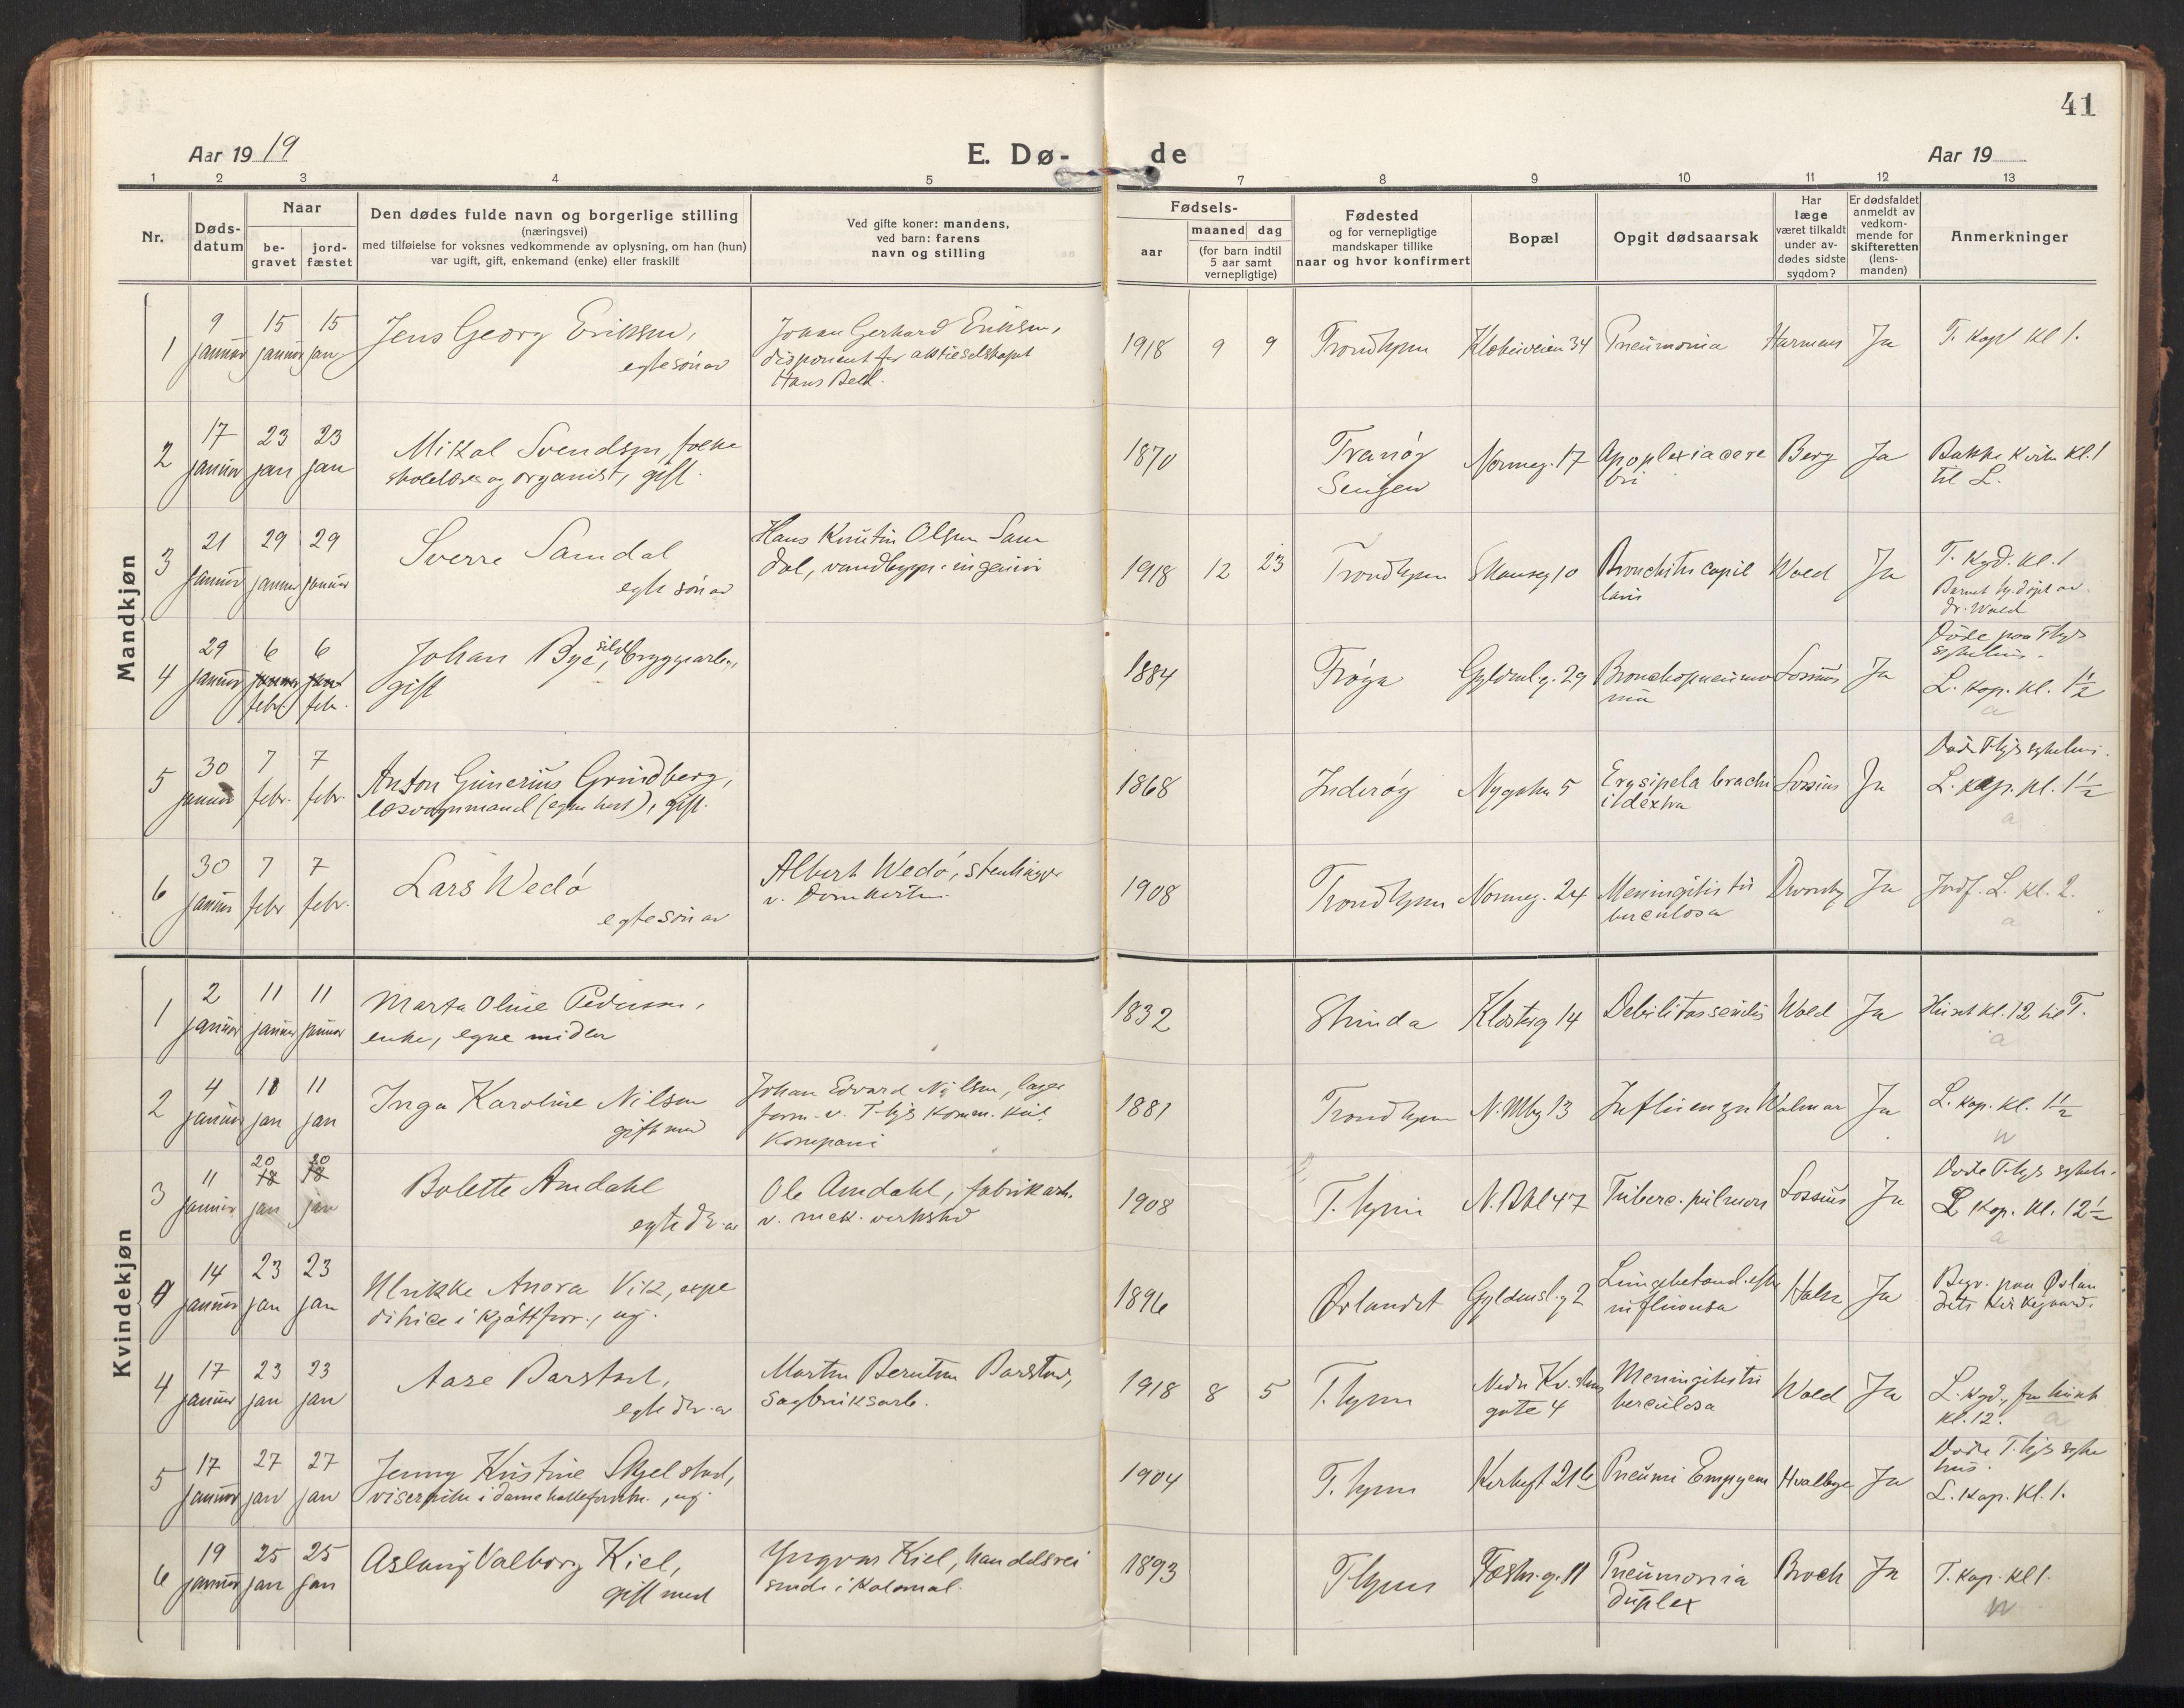 SAT, Ministerialprotokoller, klokkerbøker og fødselsregistre - Sør-Trøndelag, 604/L0207: Ministerialbok nr. 604A27, 1917-1933, s. 41